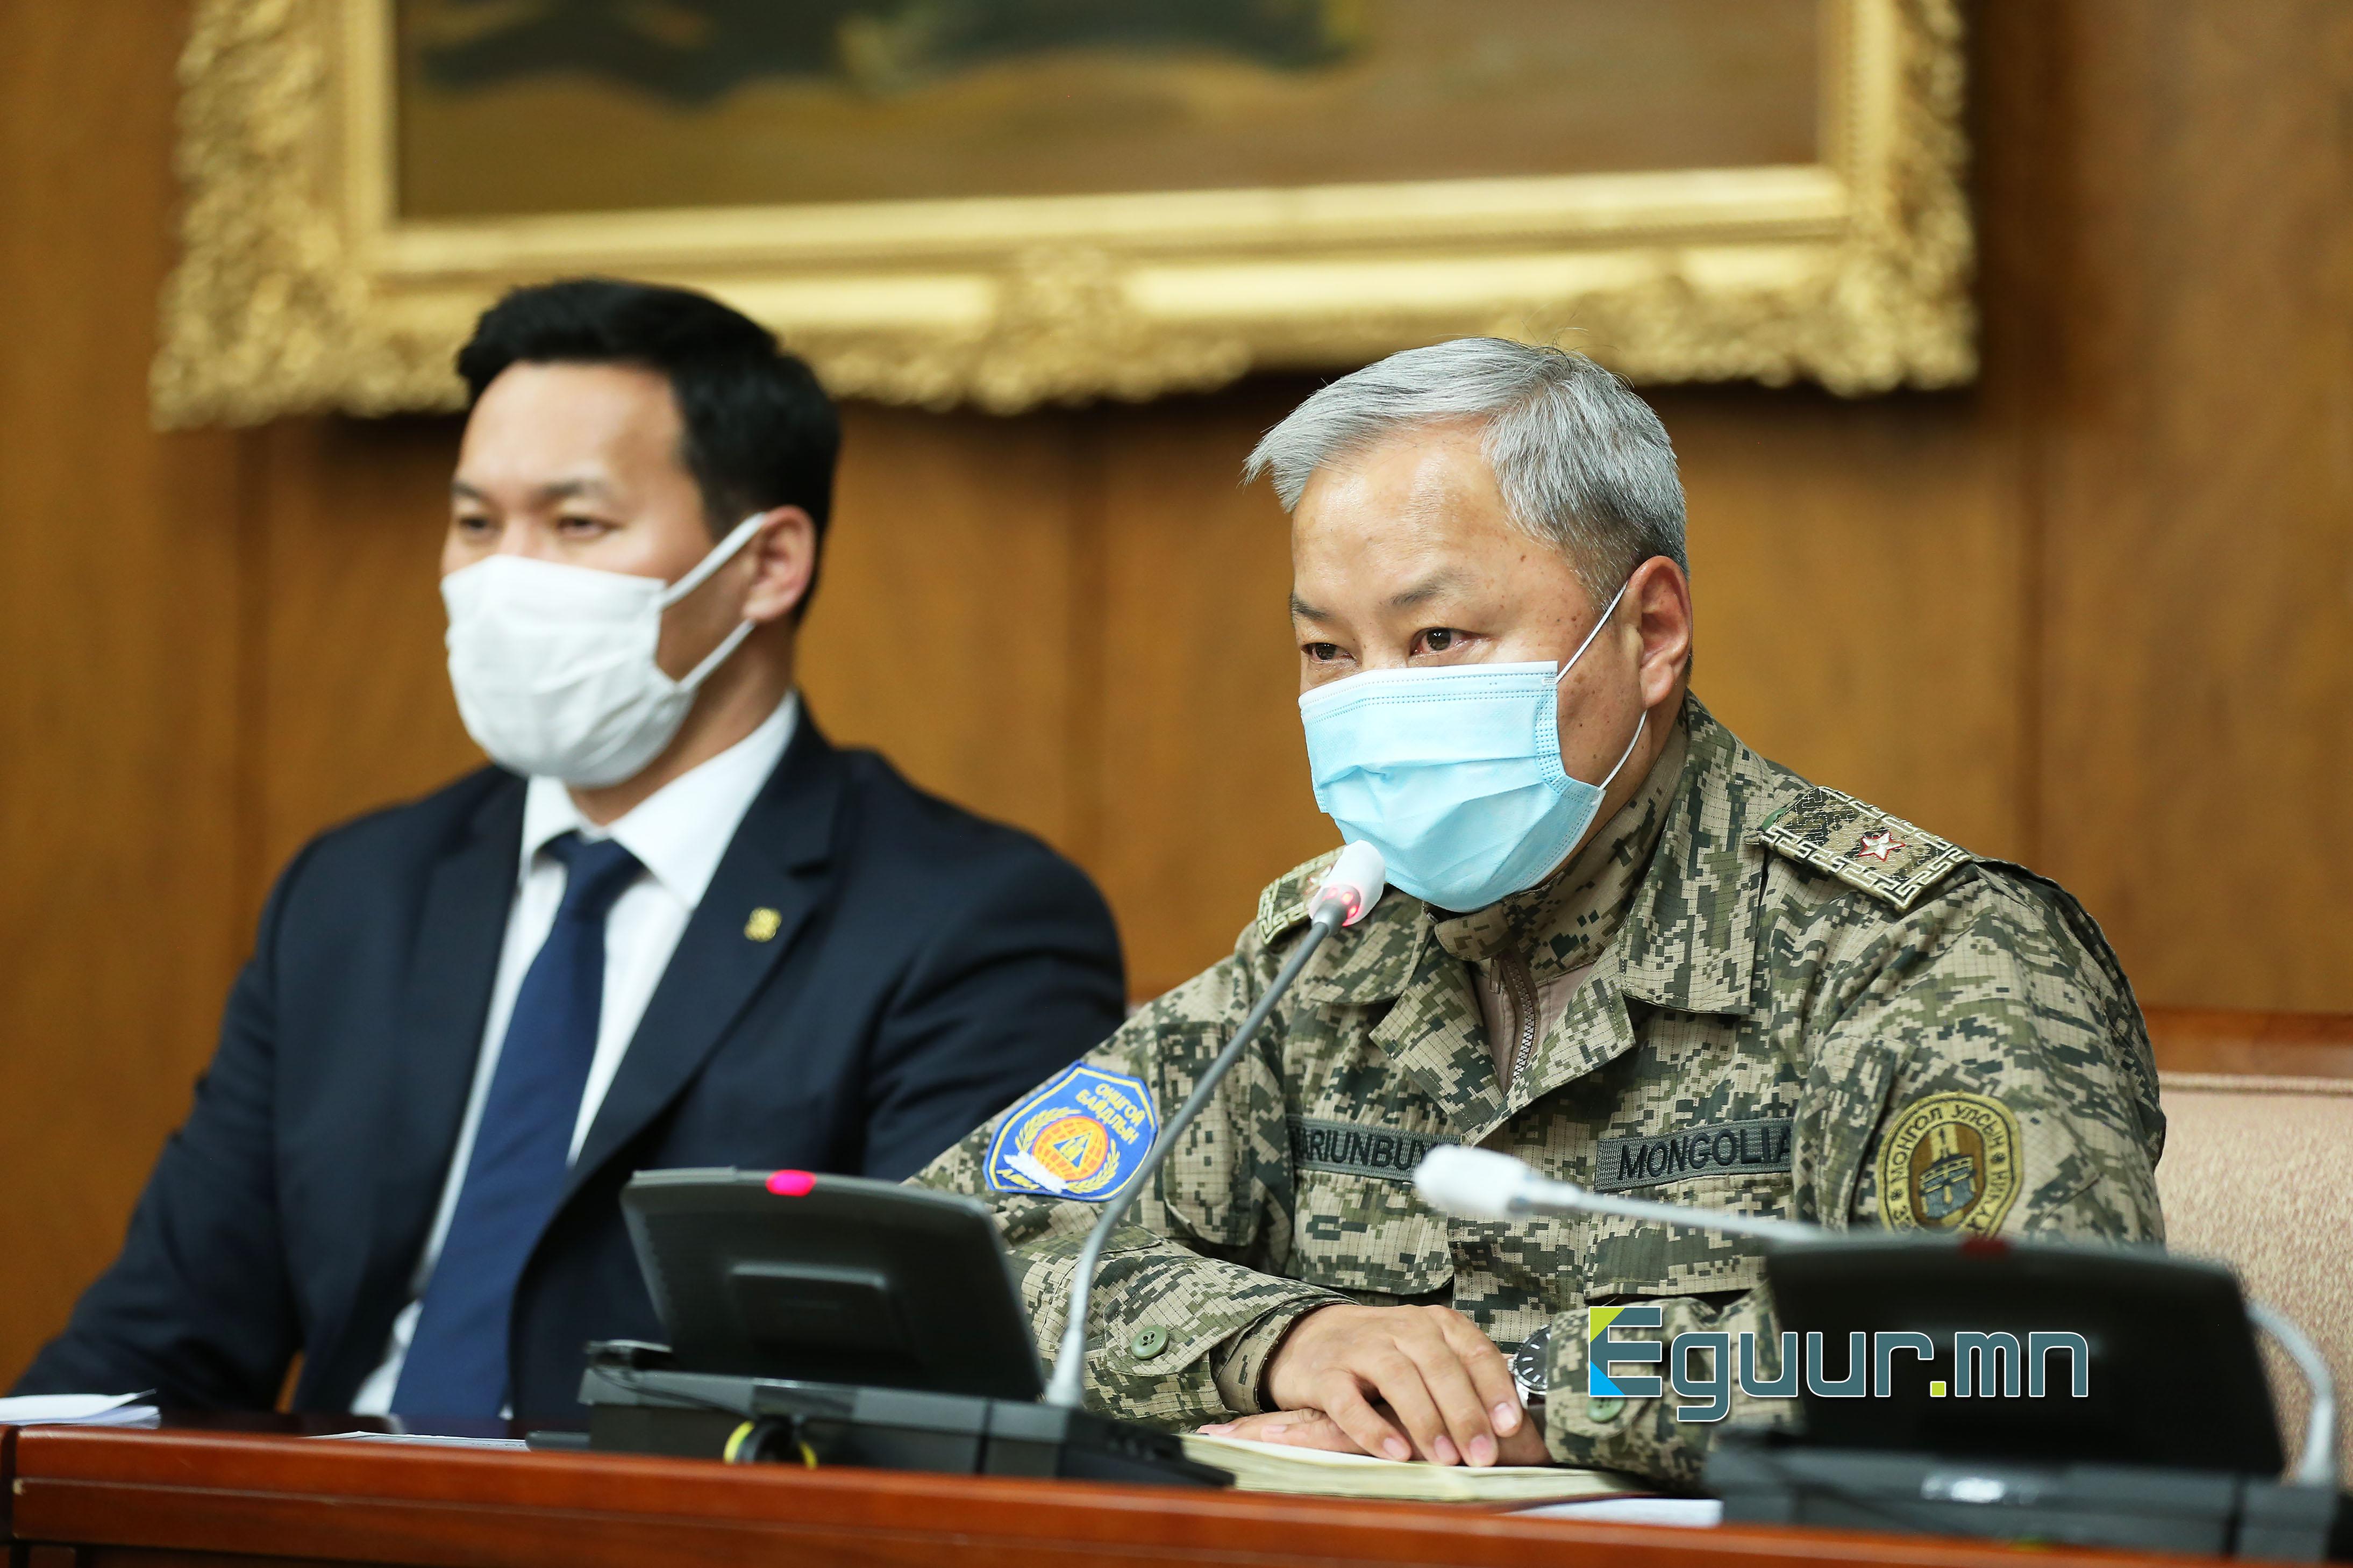 UOK ulsiin ontsgoi komiss ariunbuyan